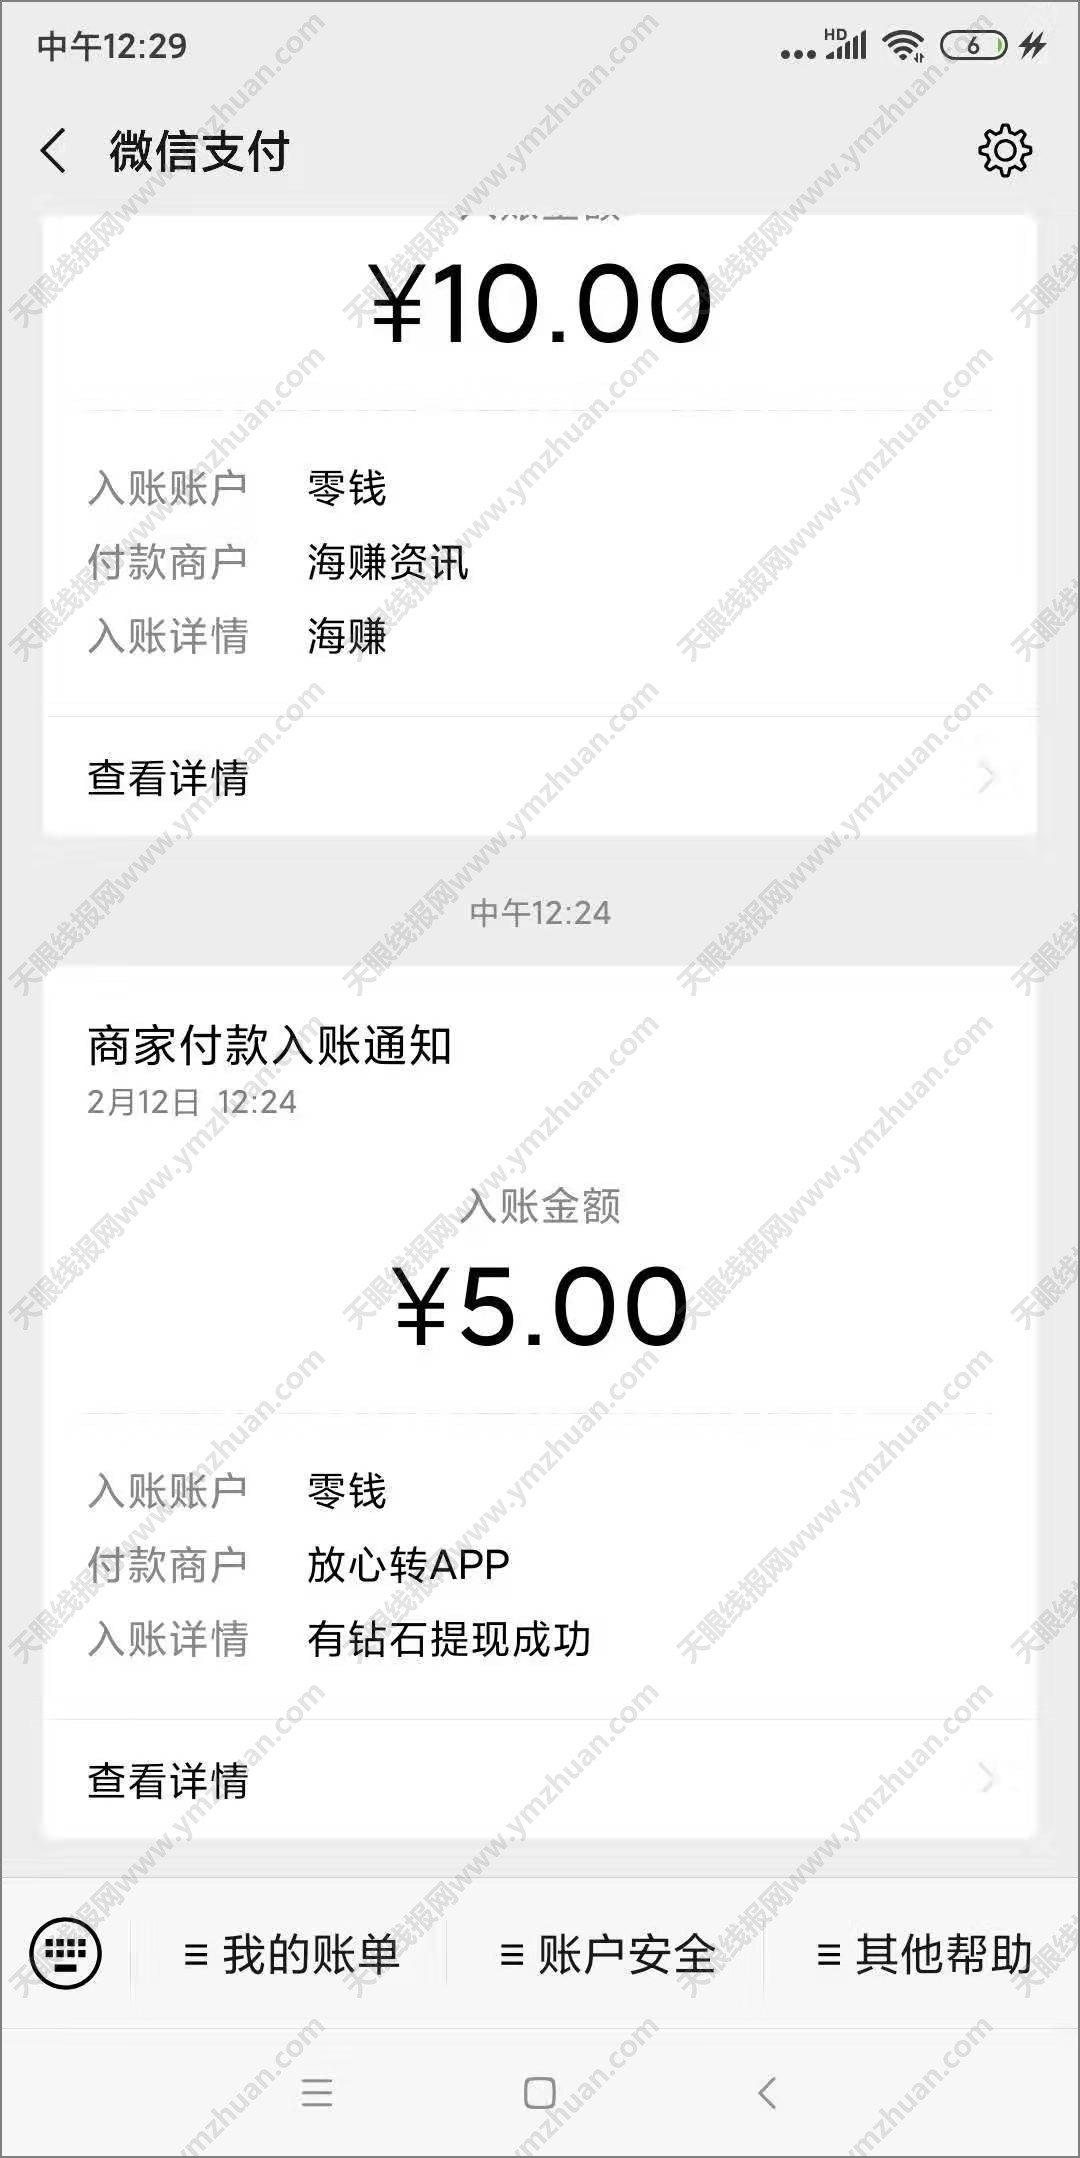 手机日赚30元_有钻石APP转发文章赚钱登陆送1元,单价0.31/篇 手机赚钱 第5张